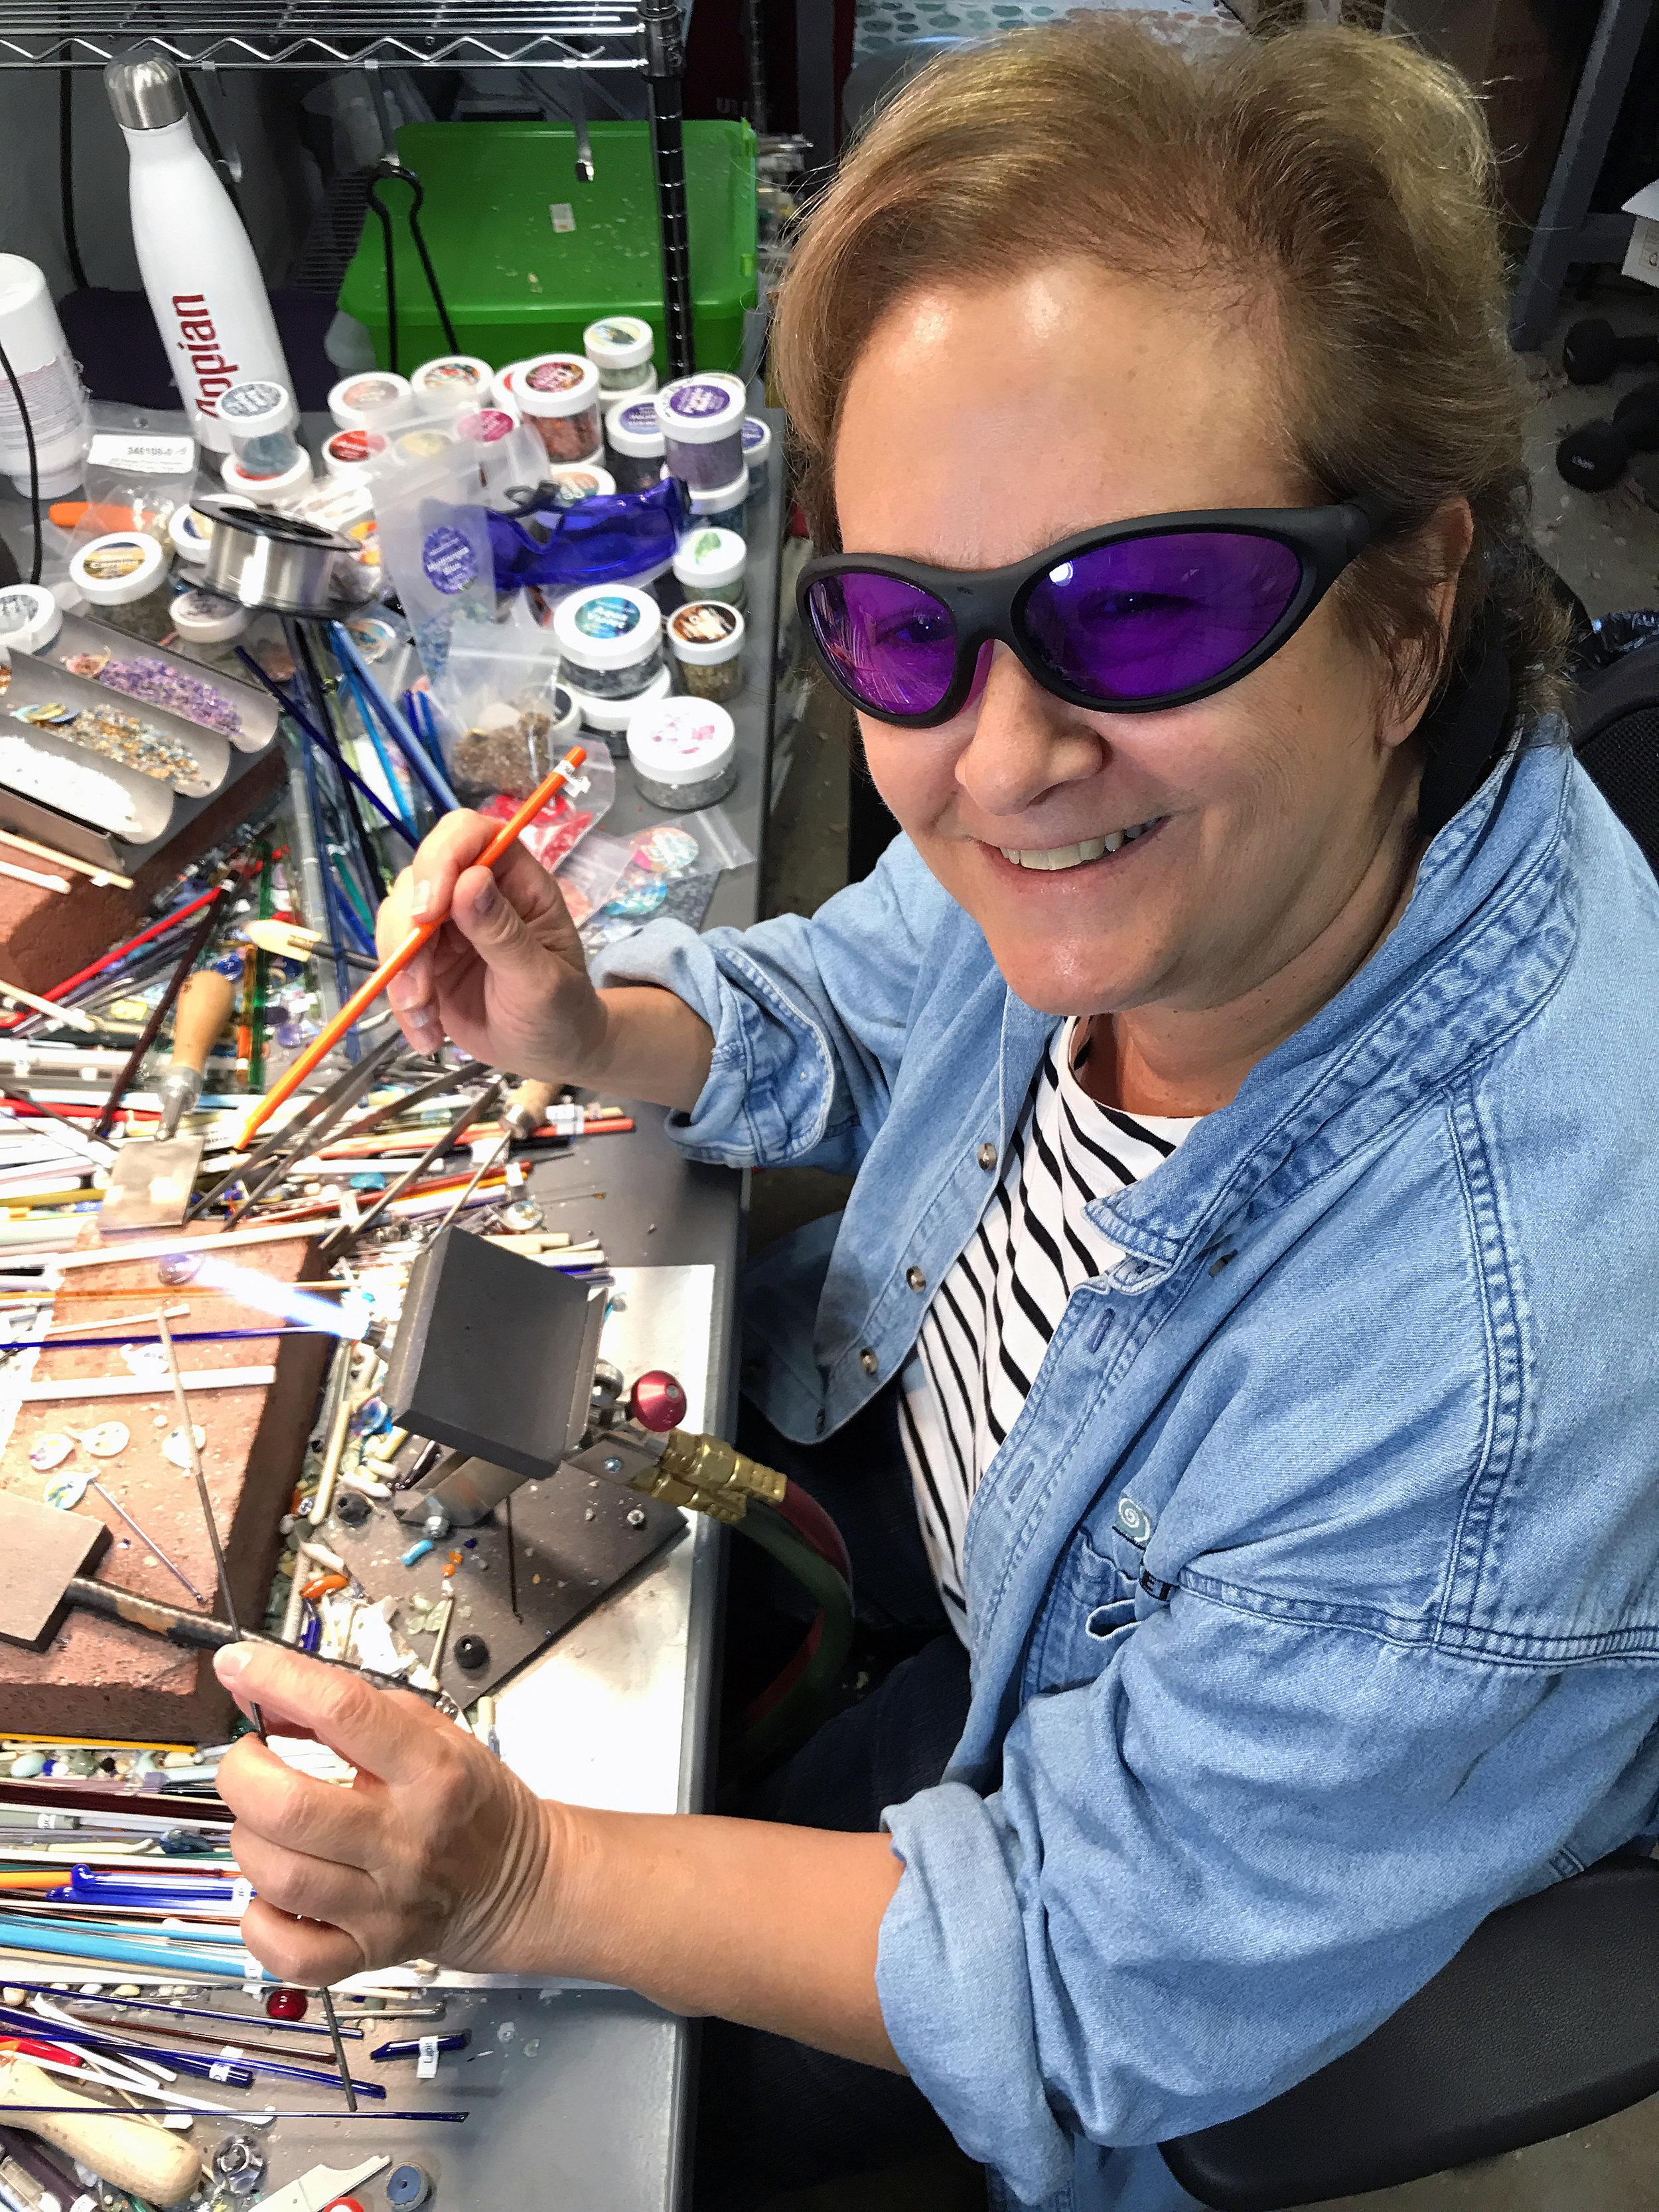 Ann at work7.jpg